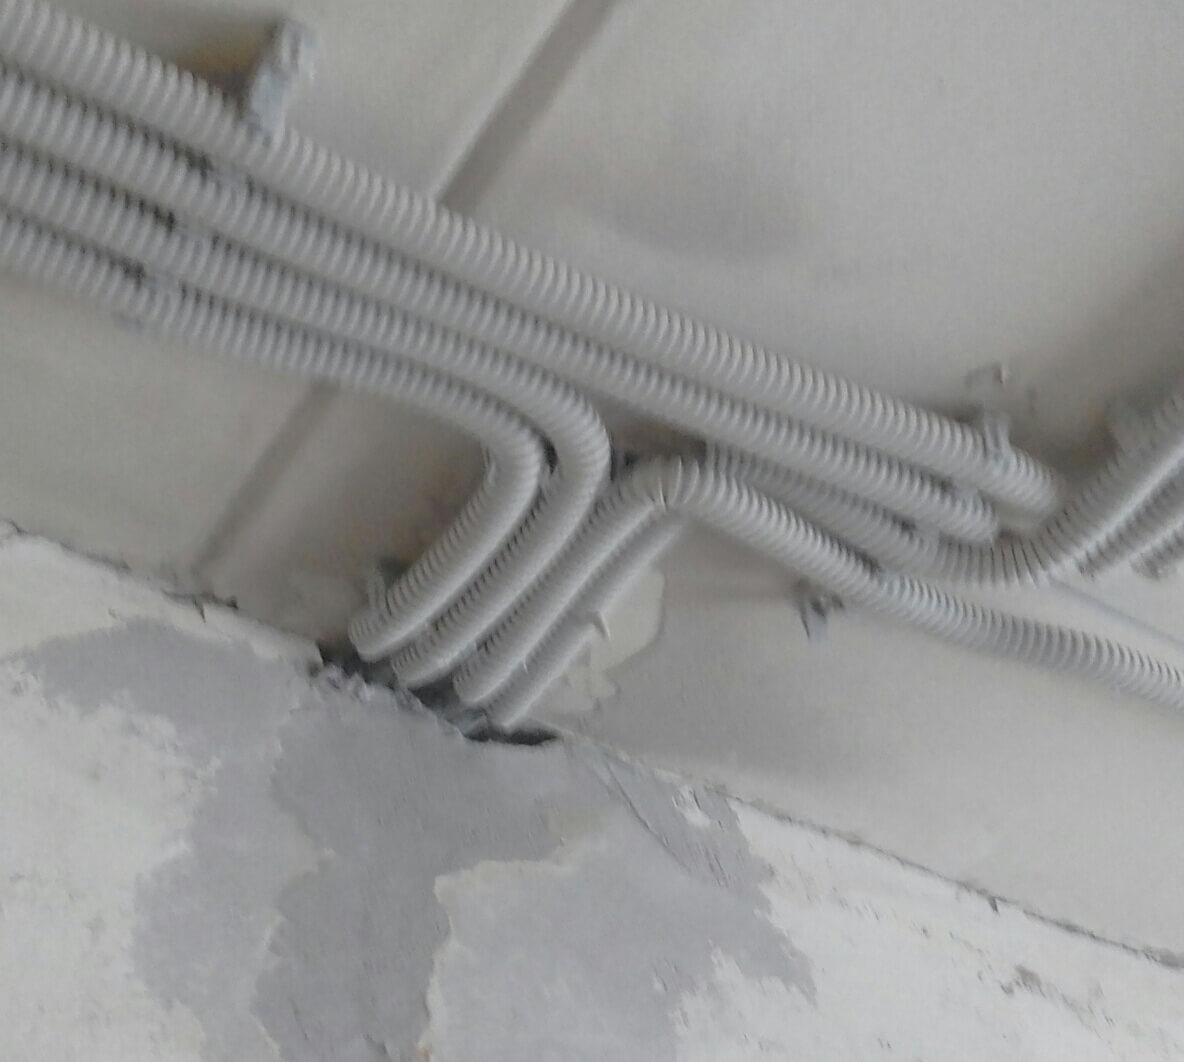 Комплексный монтаж электрики в однокомнатной квартире в панельном доме по адресу город Москва, улица Бутырская, 19к1